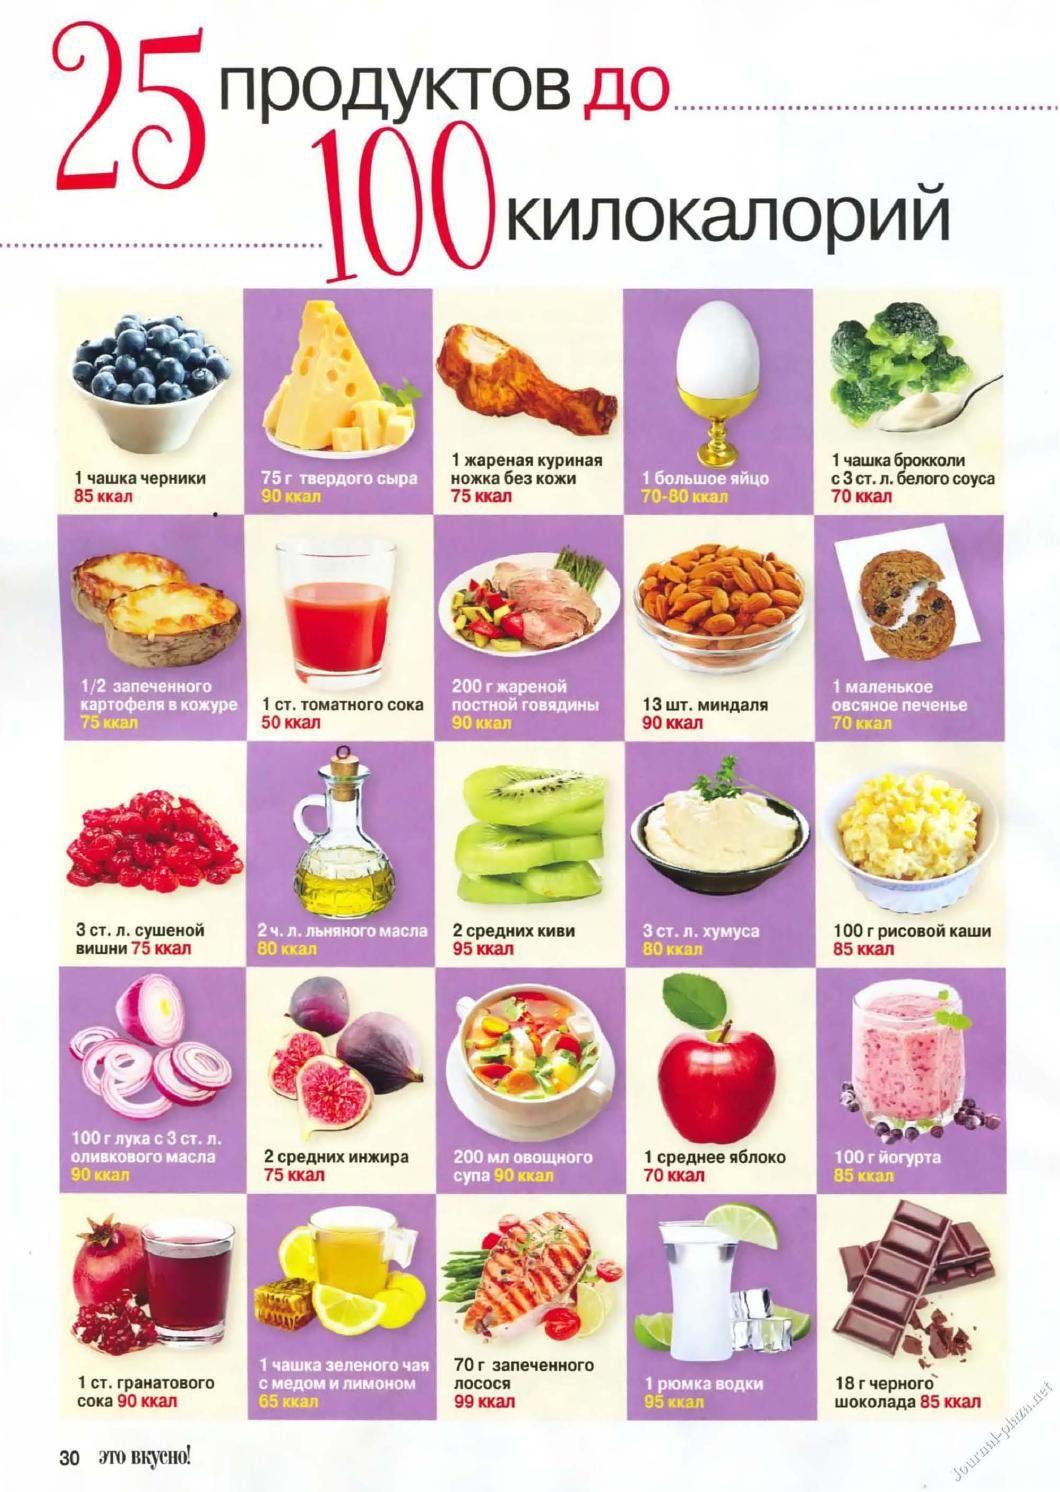 Вкусные И Низкокалорийные Продукты Для Похудения Таблица. Я худею, Клава! Самые низкокалорийные и сытные продукты